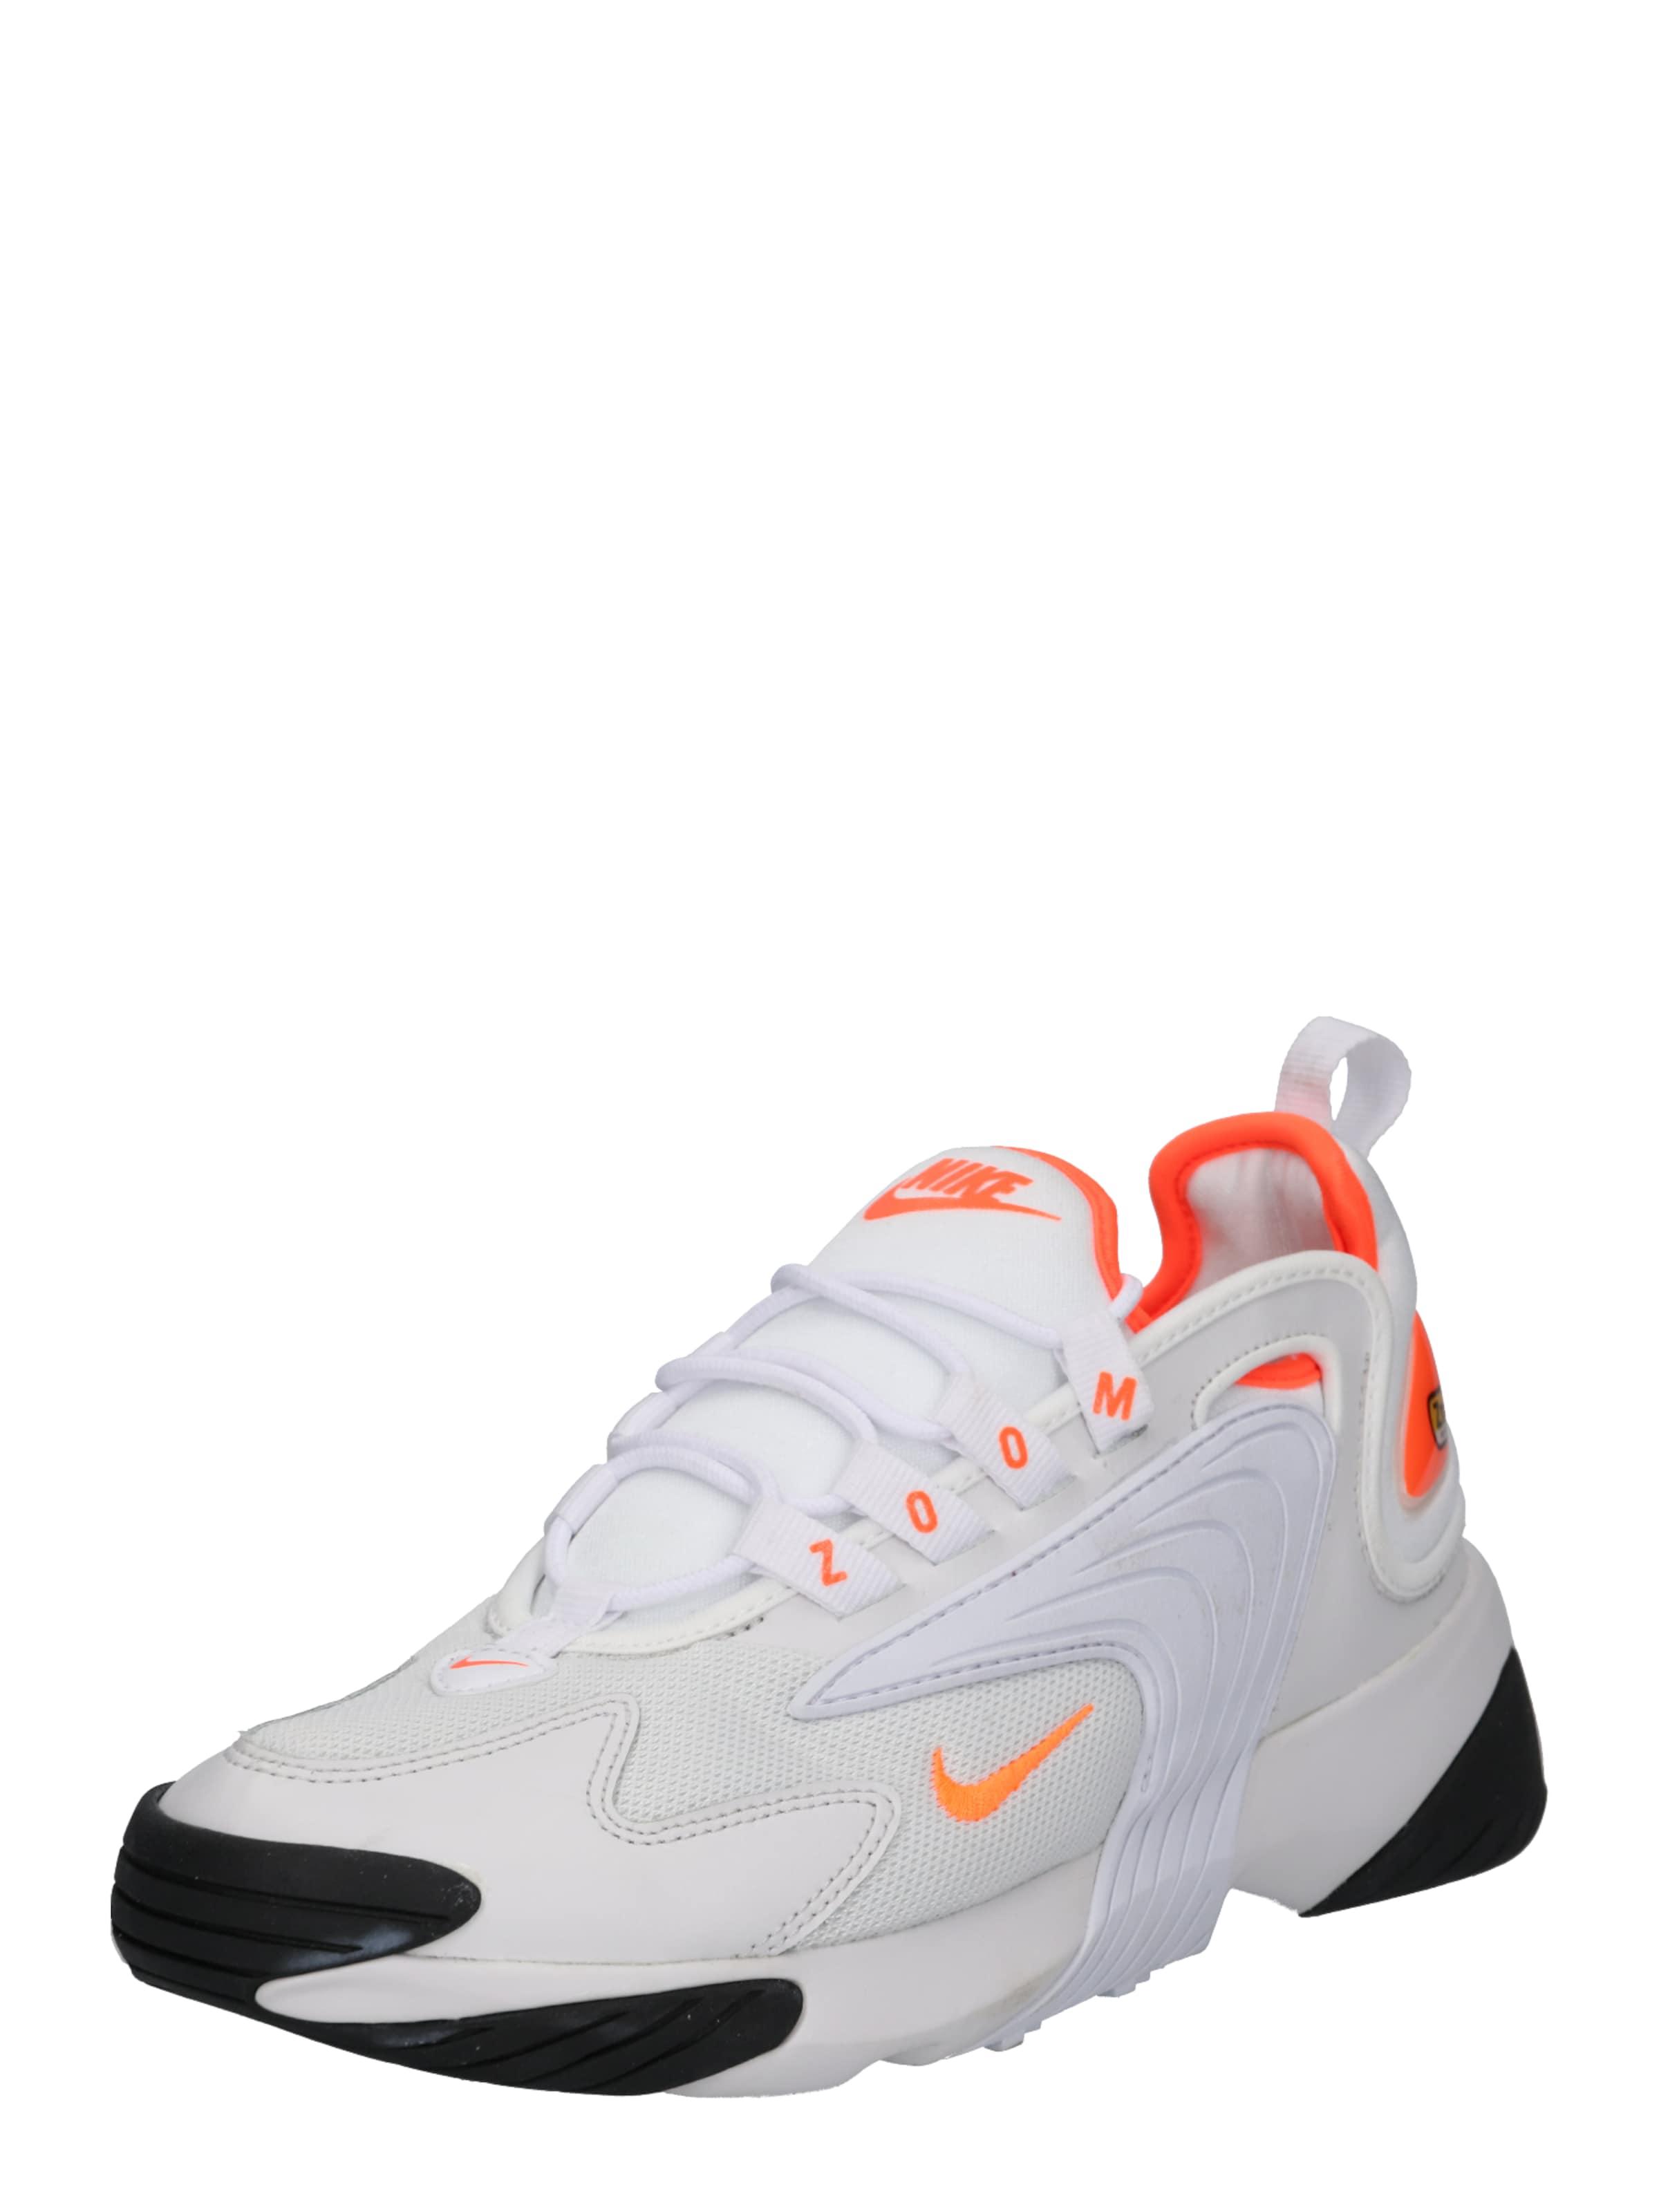 Baskets Nike En 'nike Basses 2k' GrisOrange Sportswear Zoom 2EWDIYH9